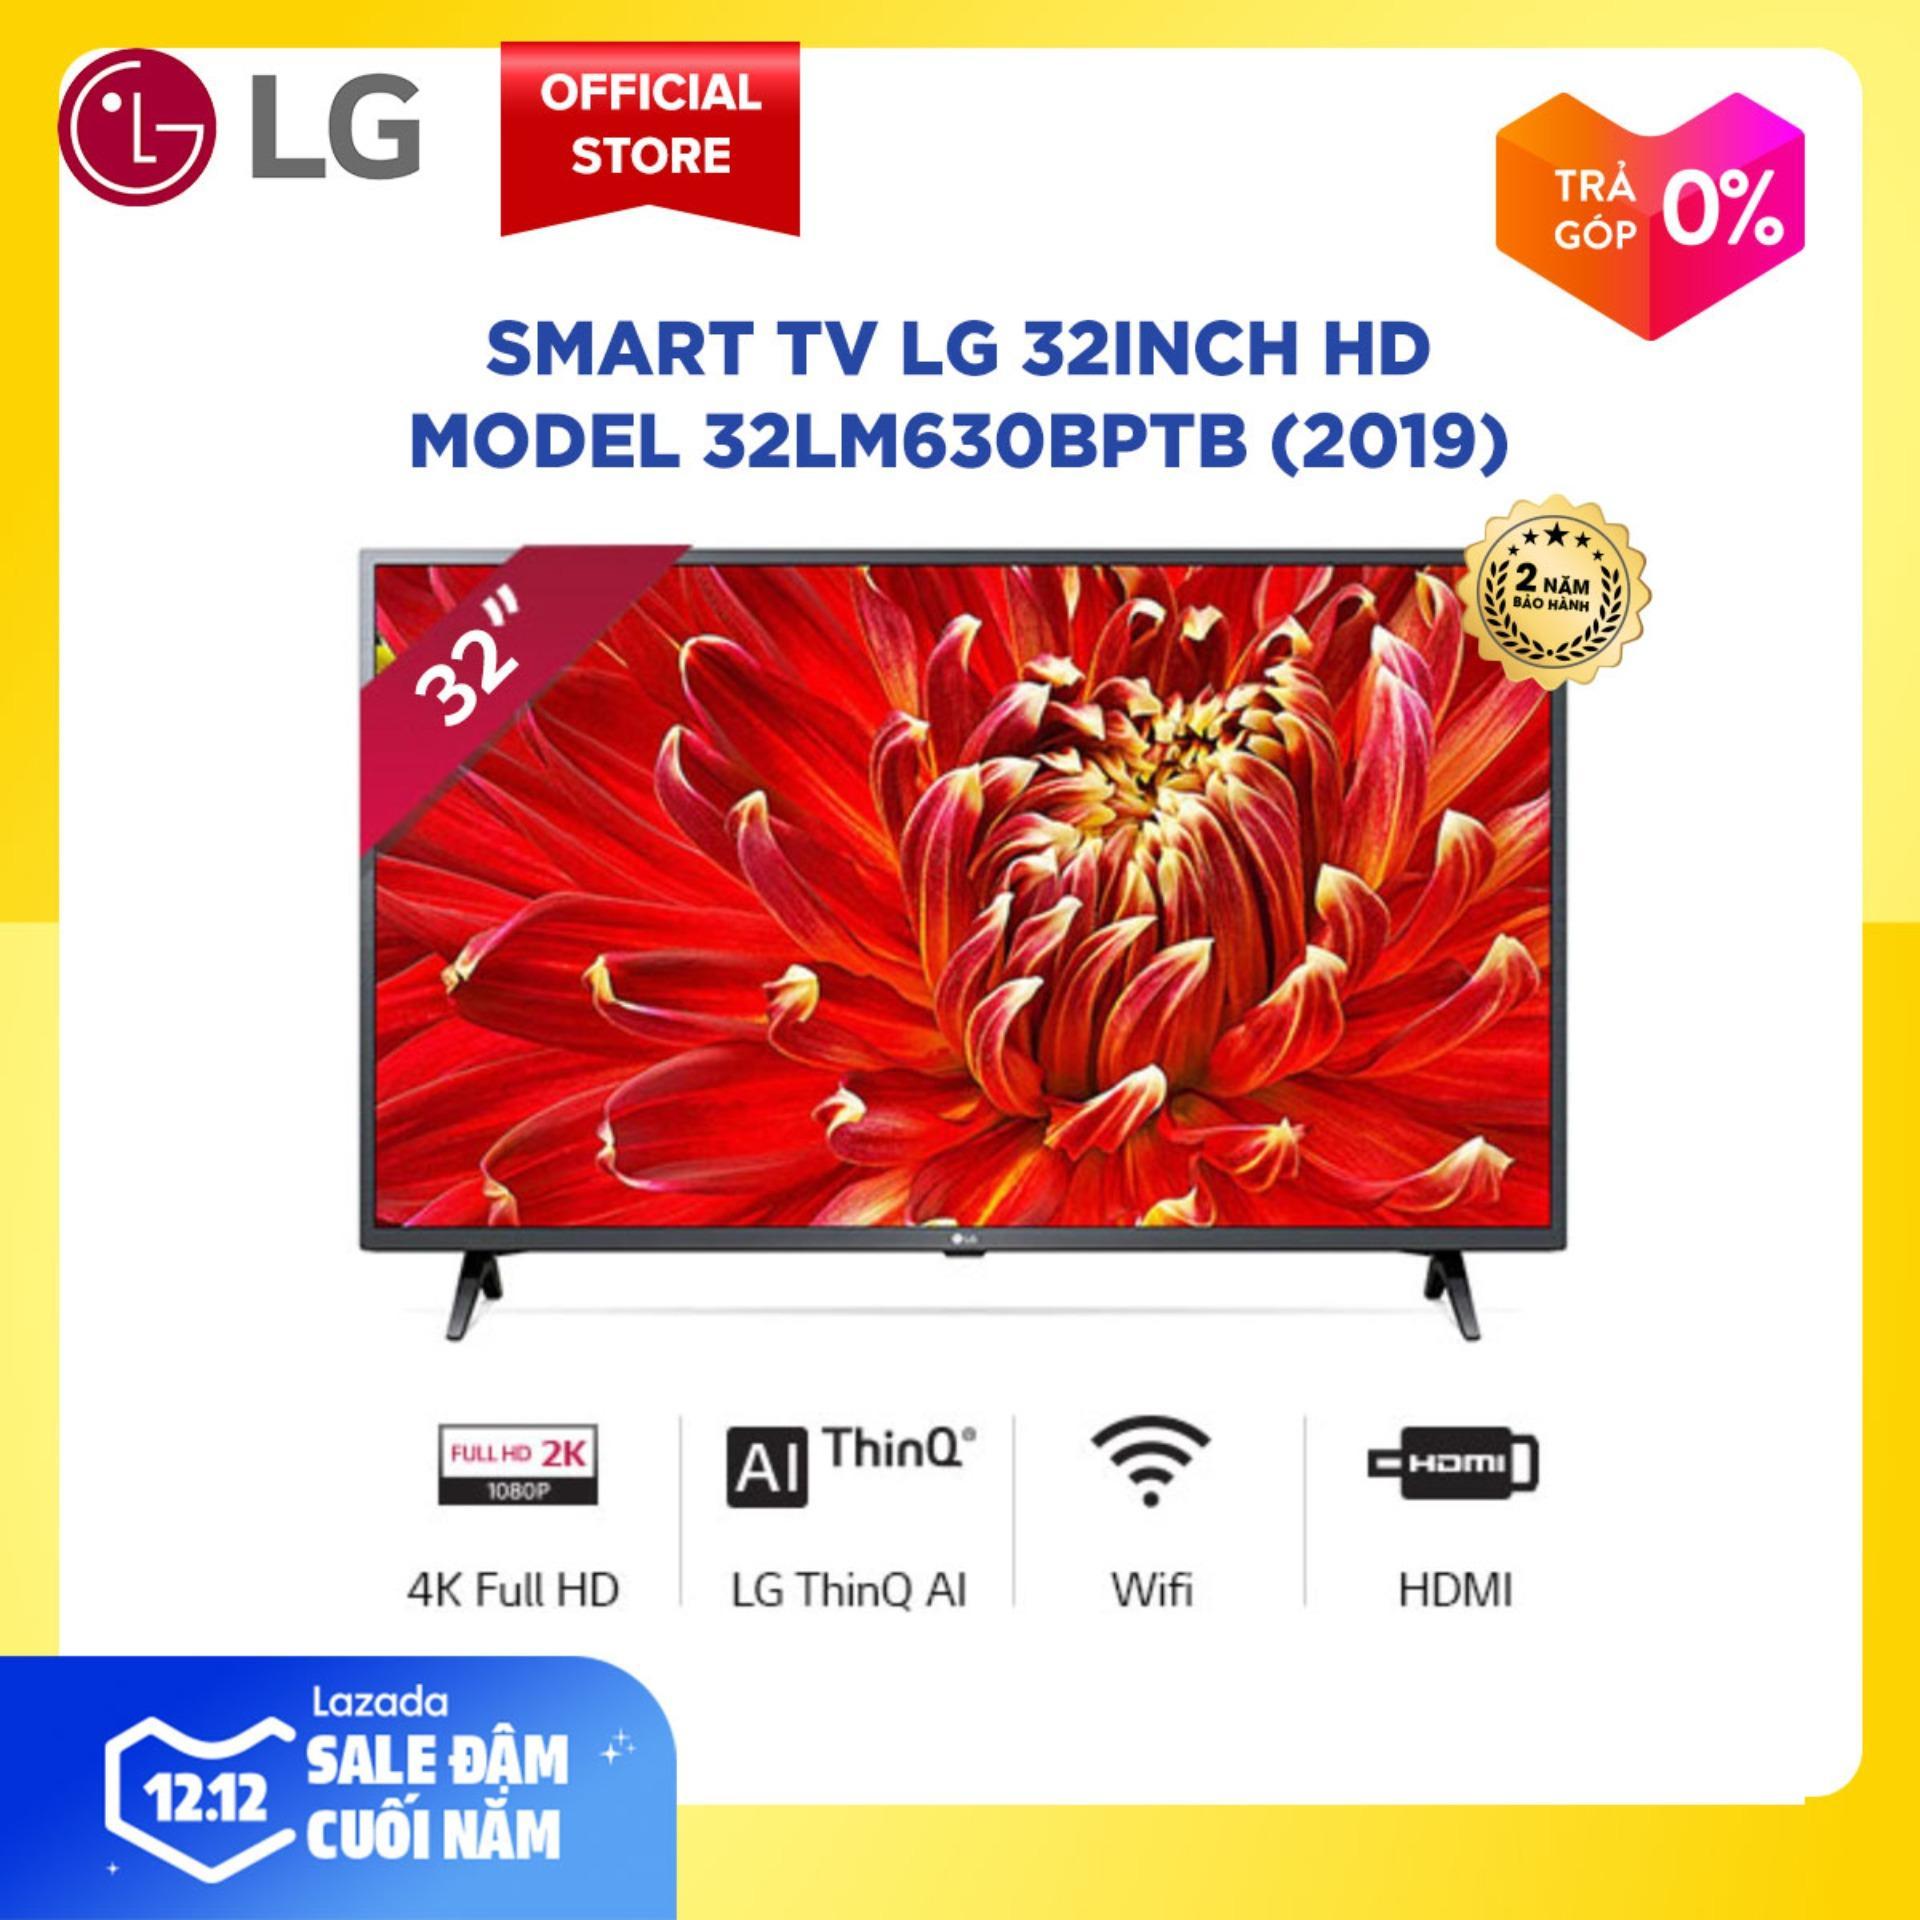 Giá Tiết Kiệm Khi Sở Hữu Smart TV LG 32inch HD - Model 32LM630BPTB (2019)  Chip Xử Lý Quad Core Active HDR  Dolby Audio - Hãng Phân Phối Chính Thức